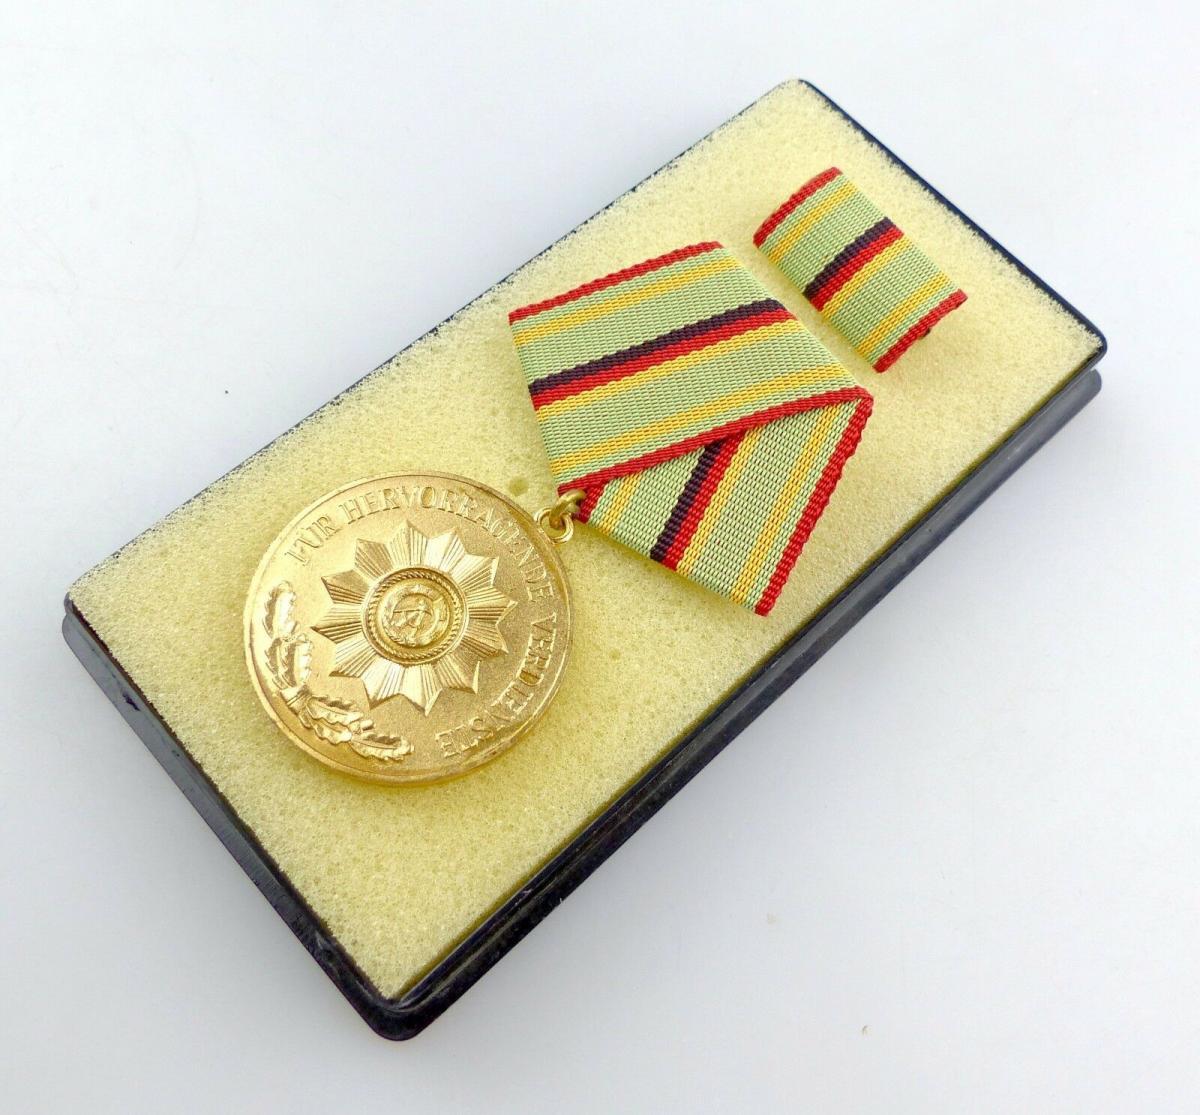 #e5592 Verdienstmedaille der Organe des Ministeriums des Innern in Gold Nr. 211